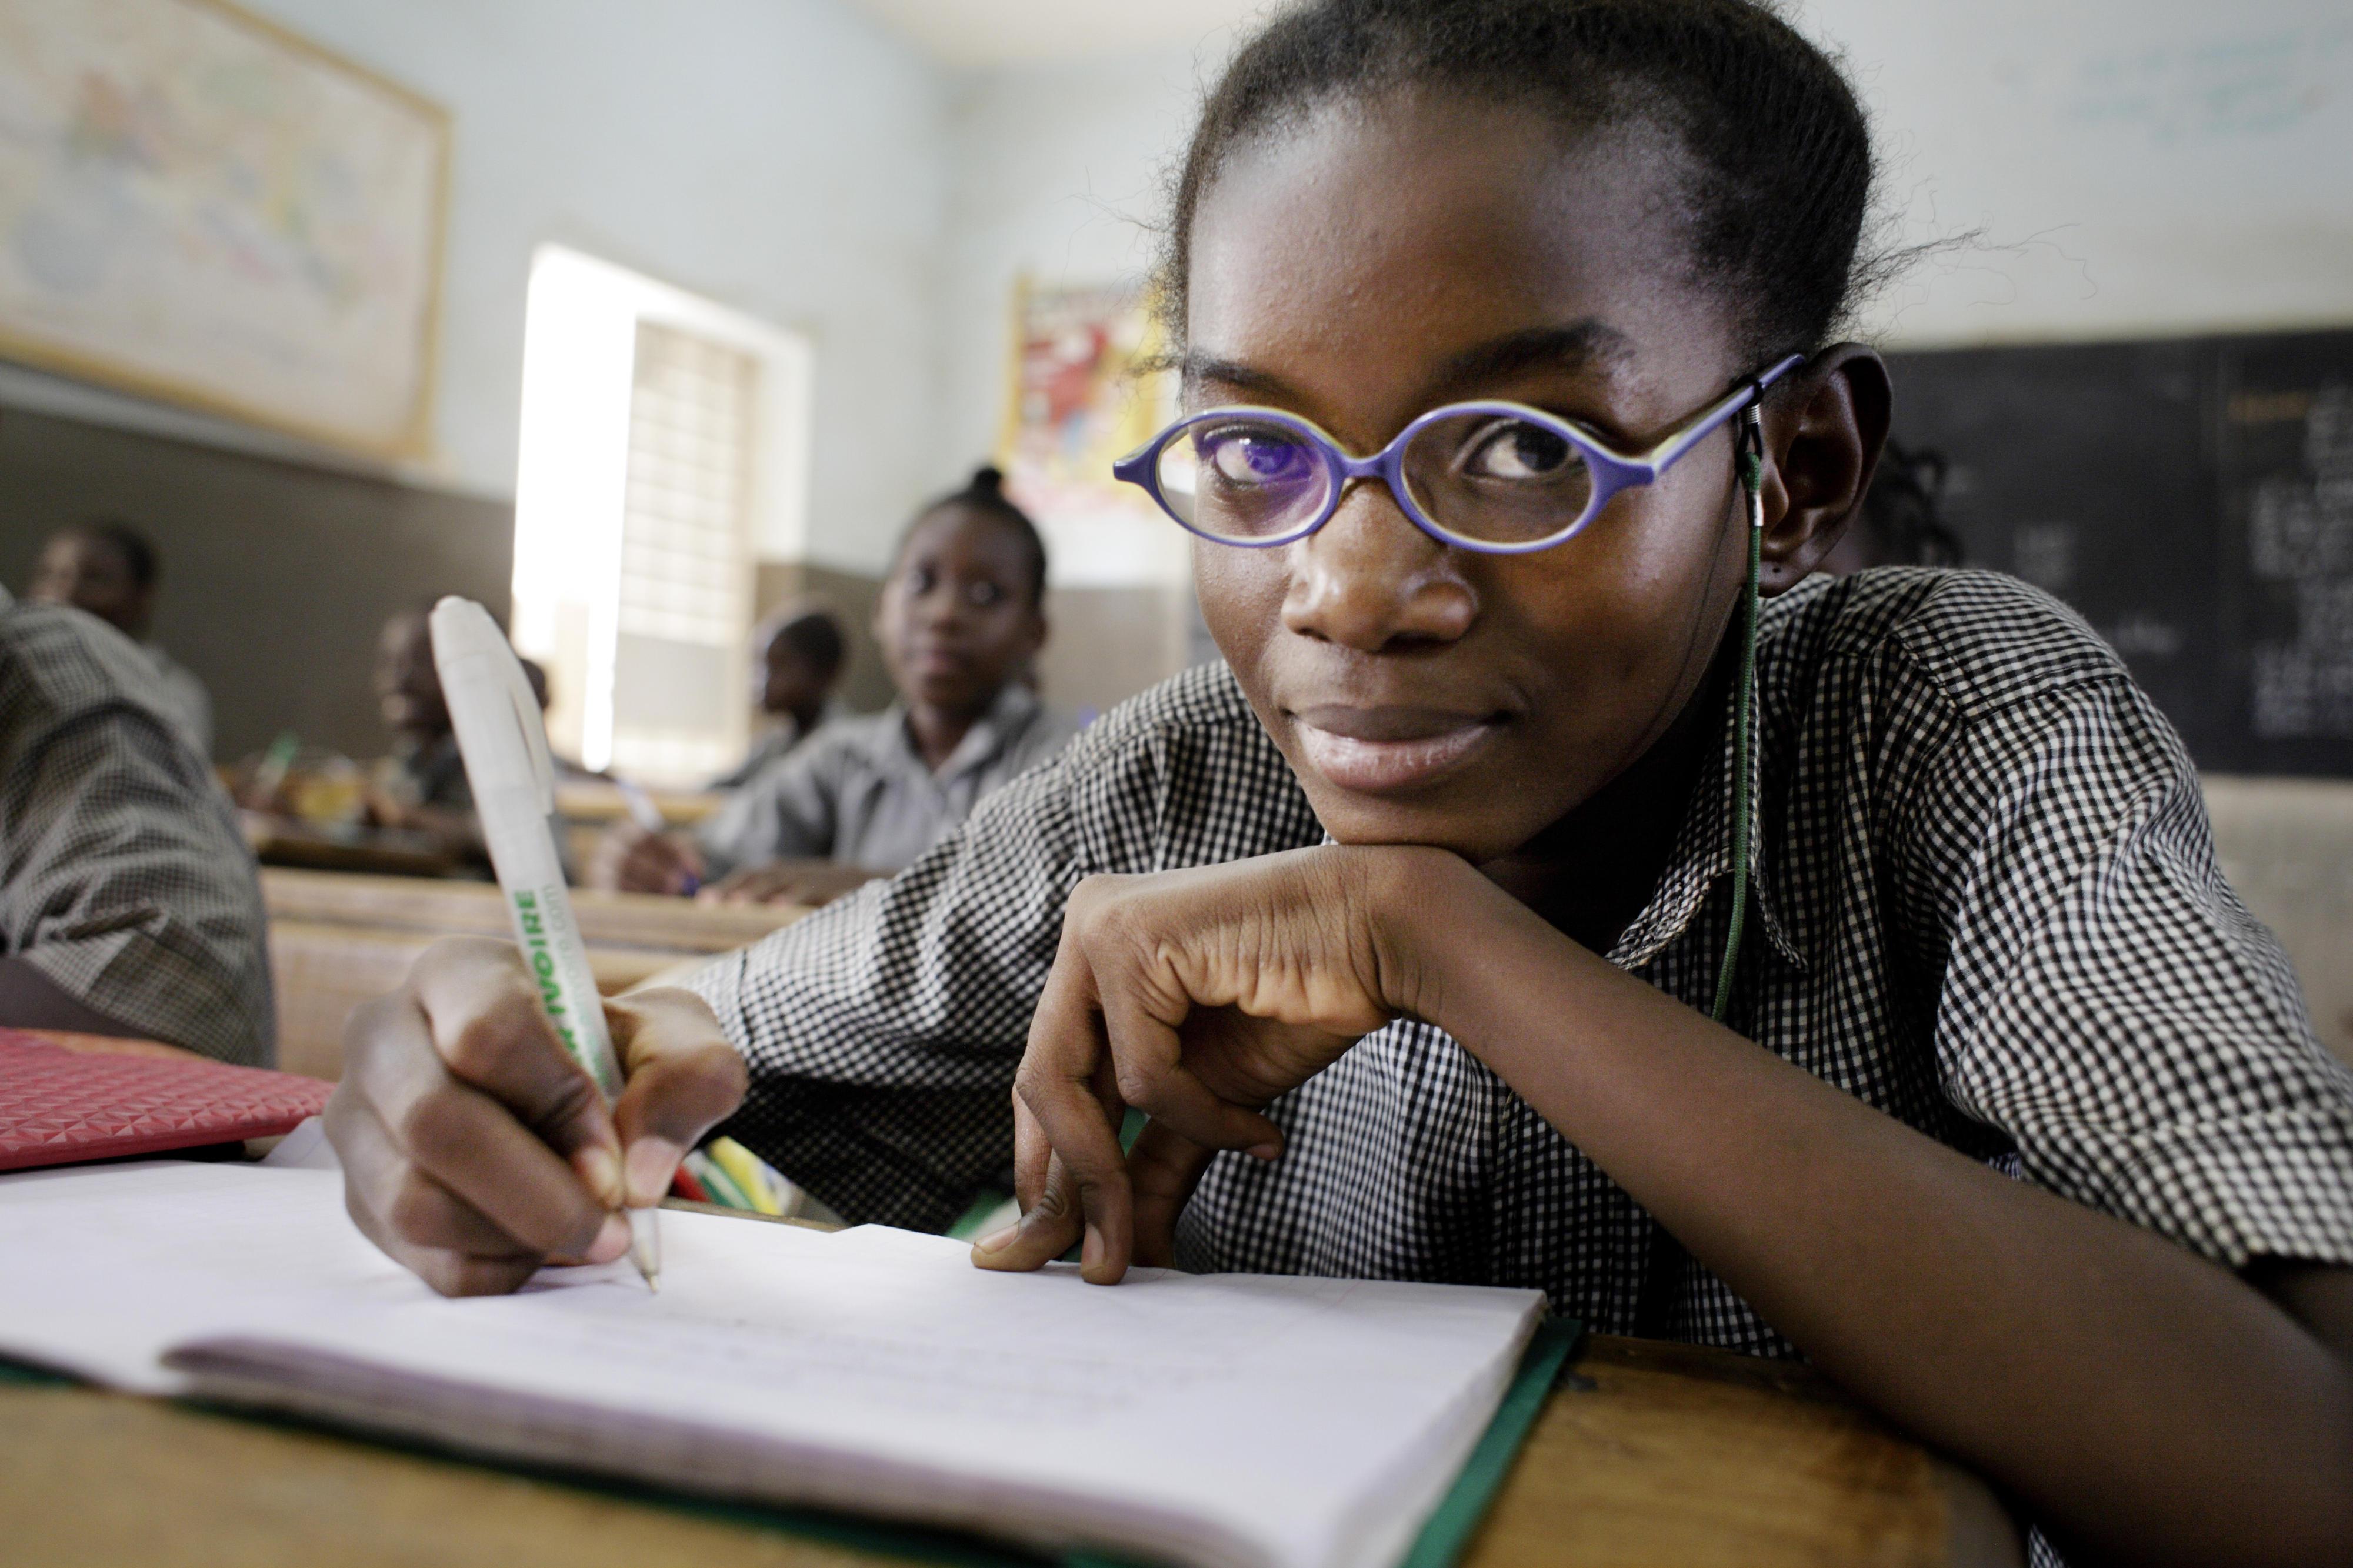 Schülerinnen und Schüler in einerprovisorischen Grundschule für syrische Flüchtlinge im Libanon